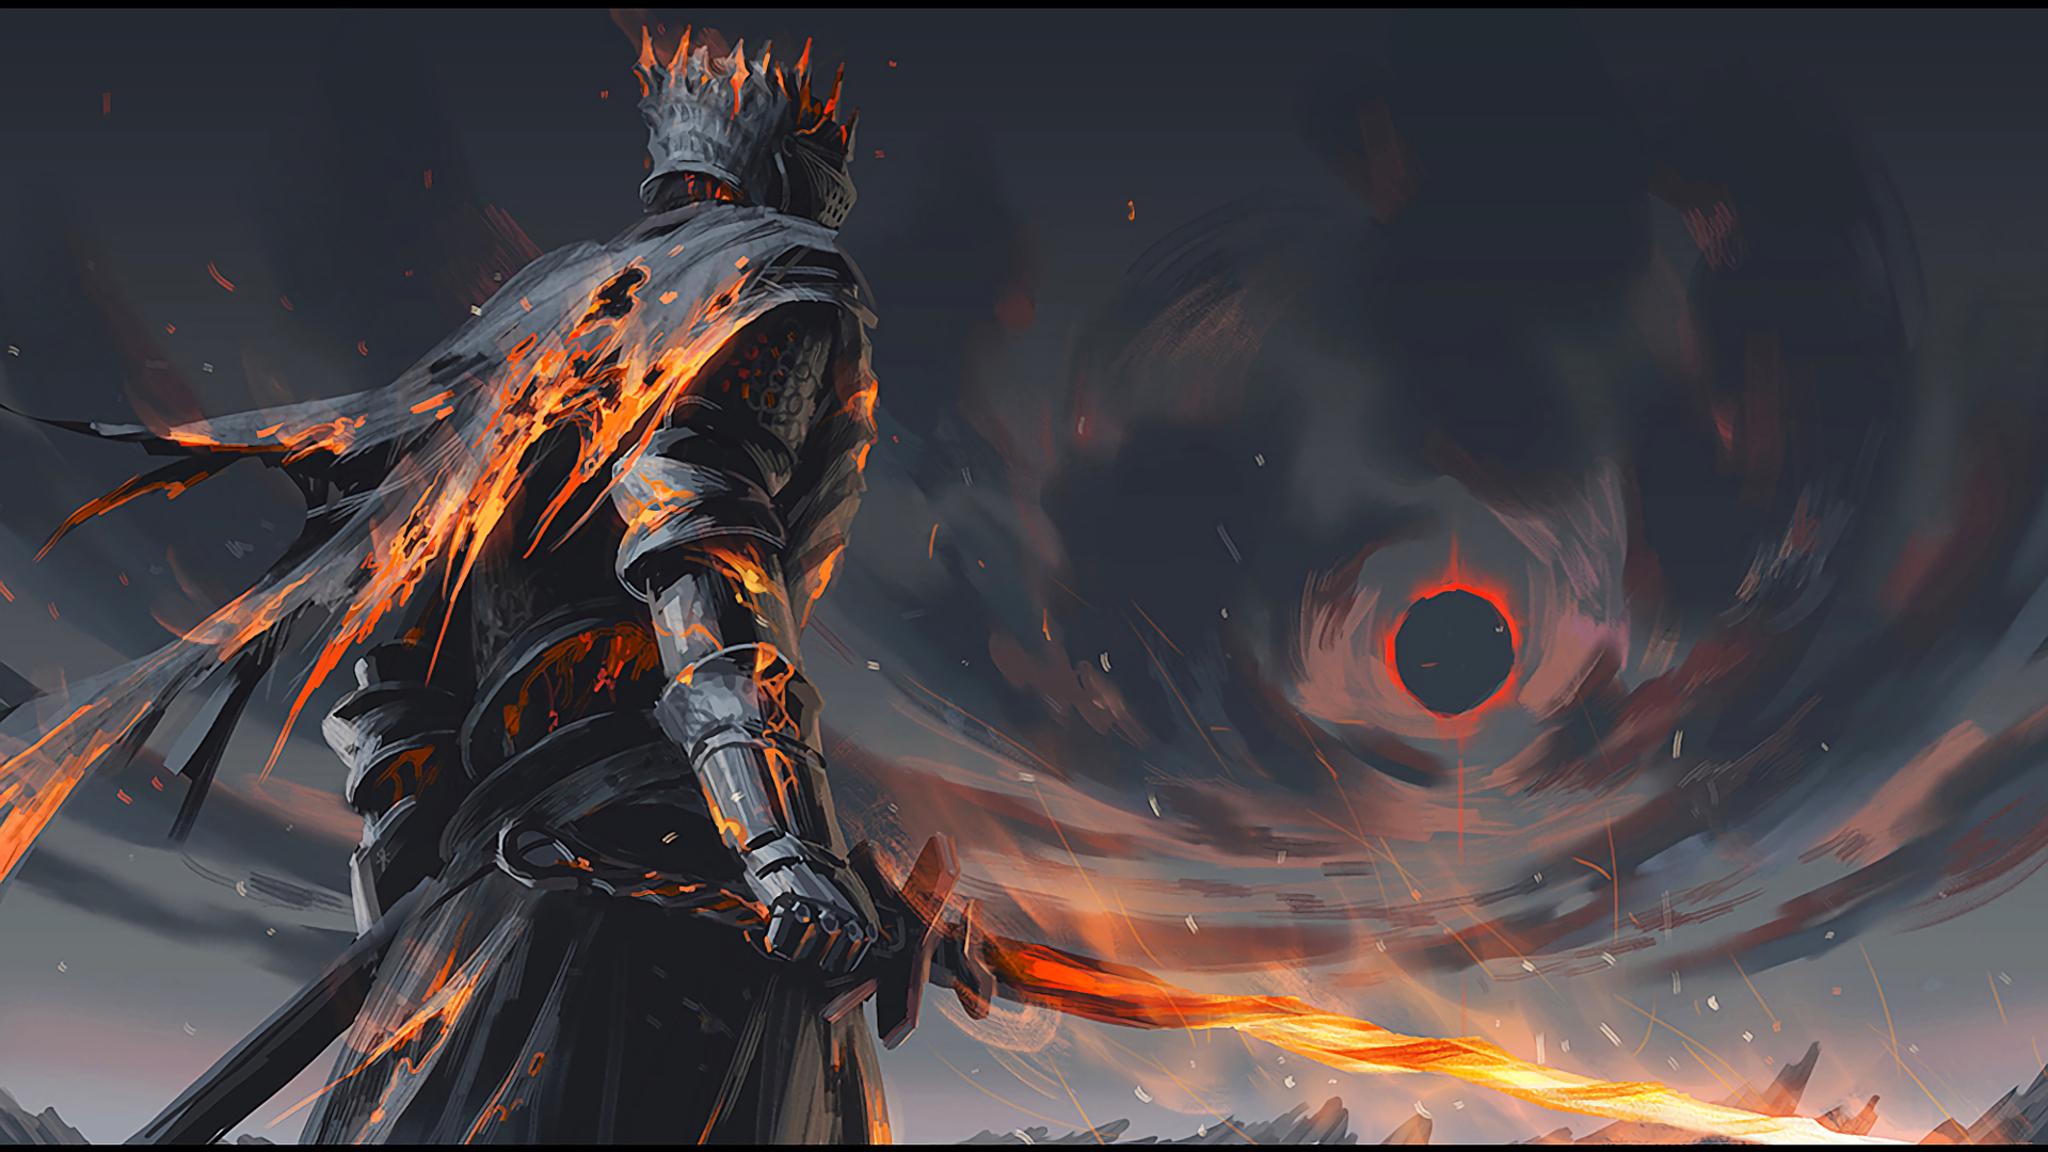 2048x1152 Dark Souls 3 Artwork 2048x1152 Resolution HD 4k ...